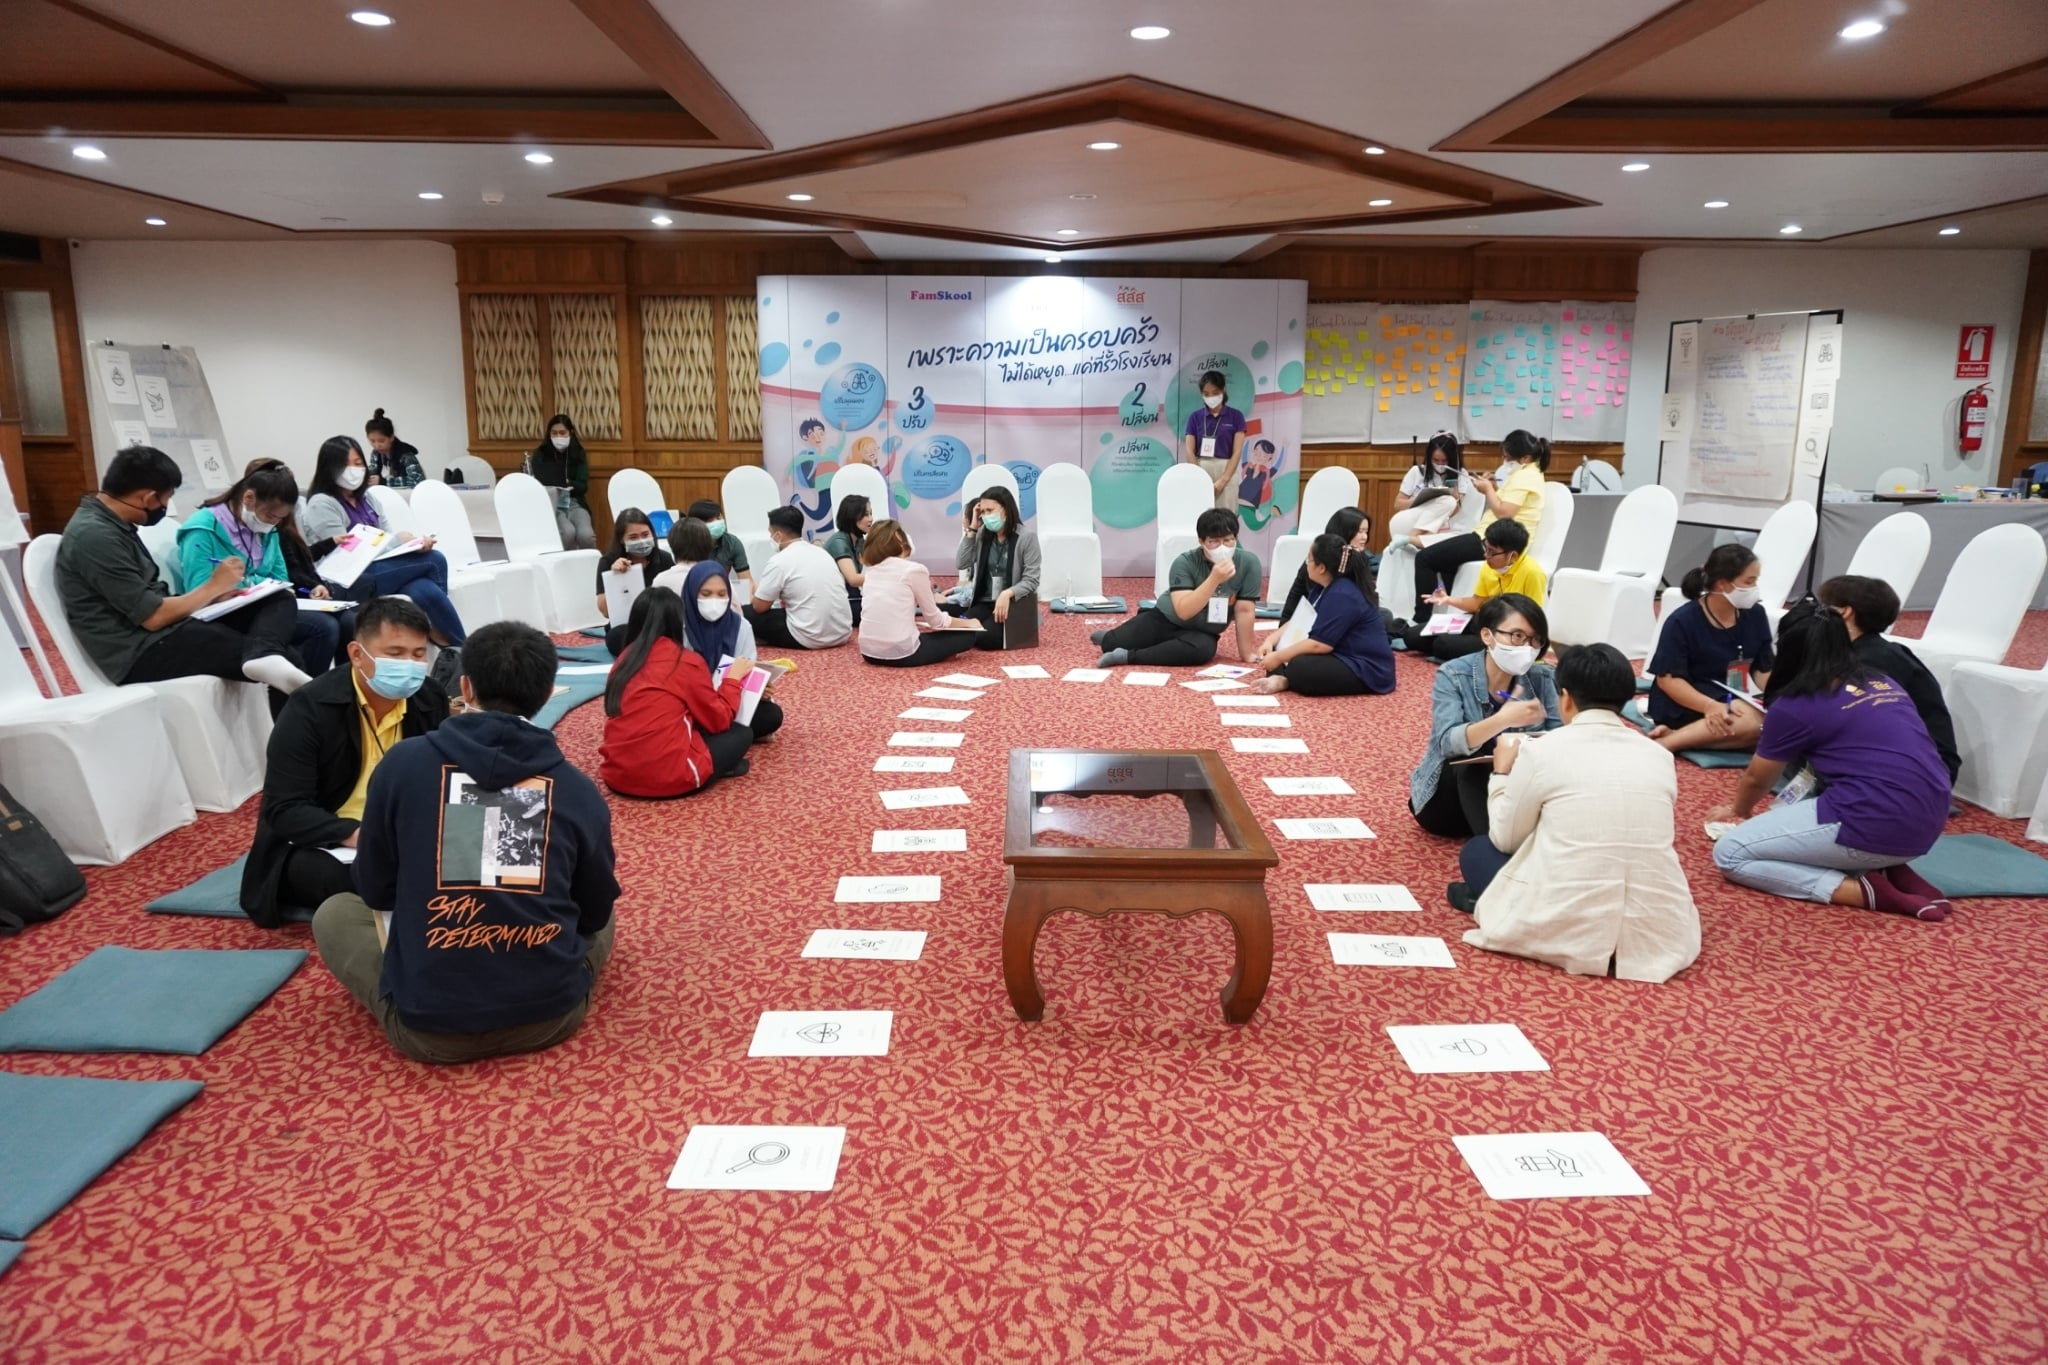 บันทึกการเดินทางของโครงการ FamSkool 2020-21 ภาคเหนือ Module 1 (25)